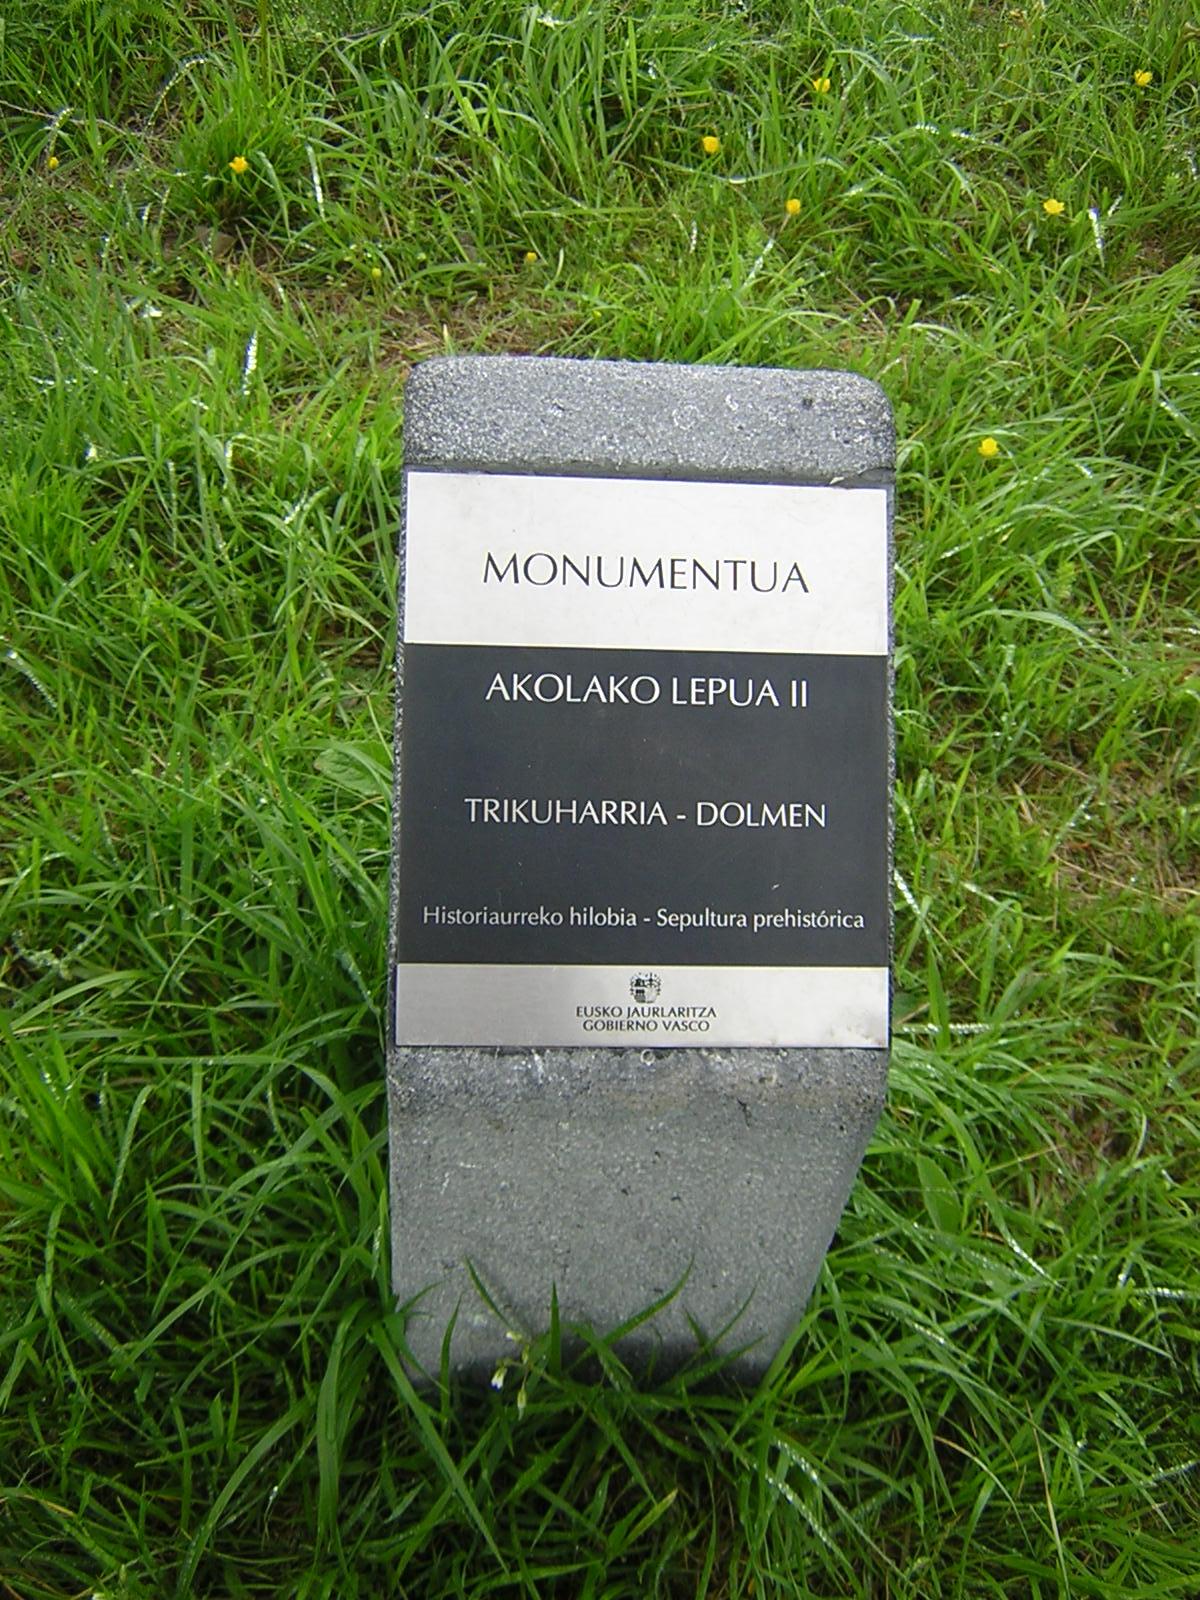 Dolmen Akolako lepua 2 Trikuharria